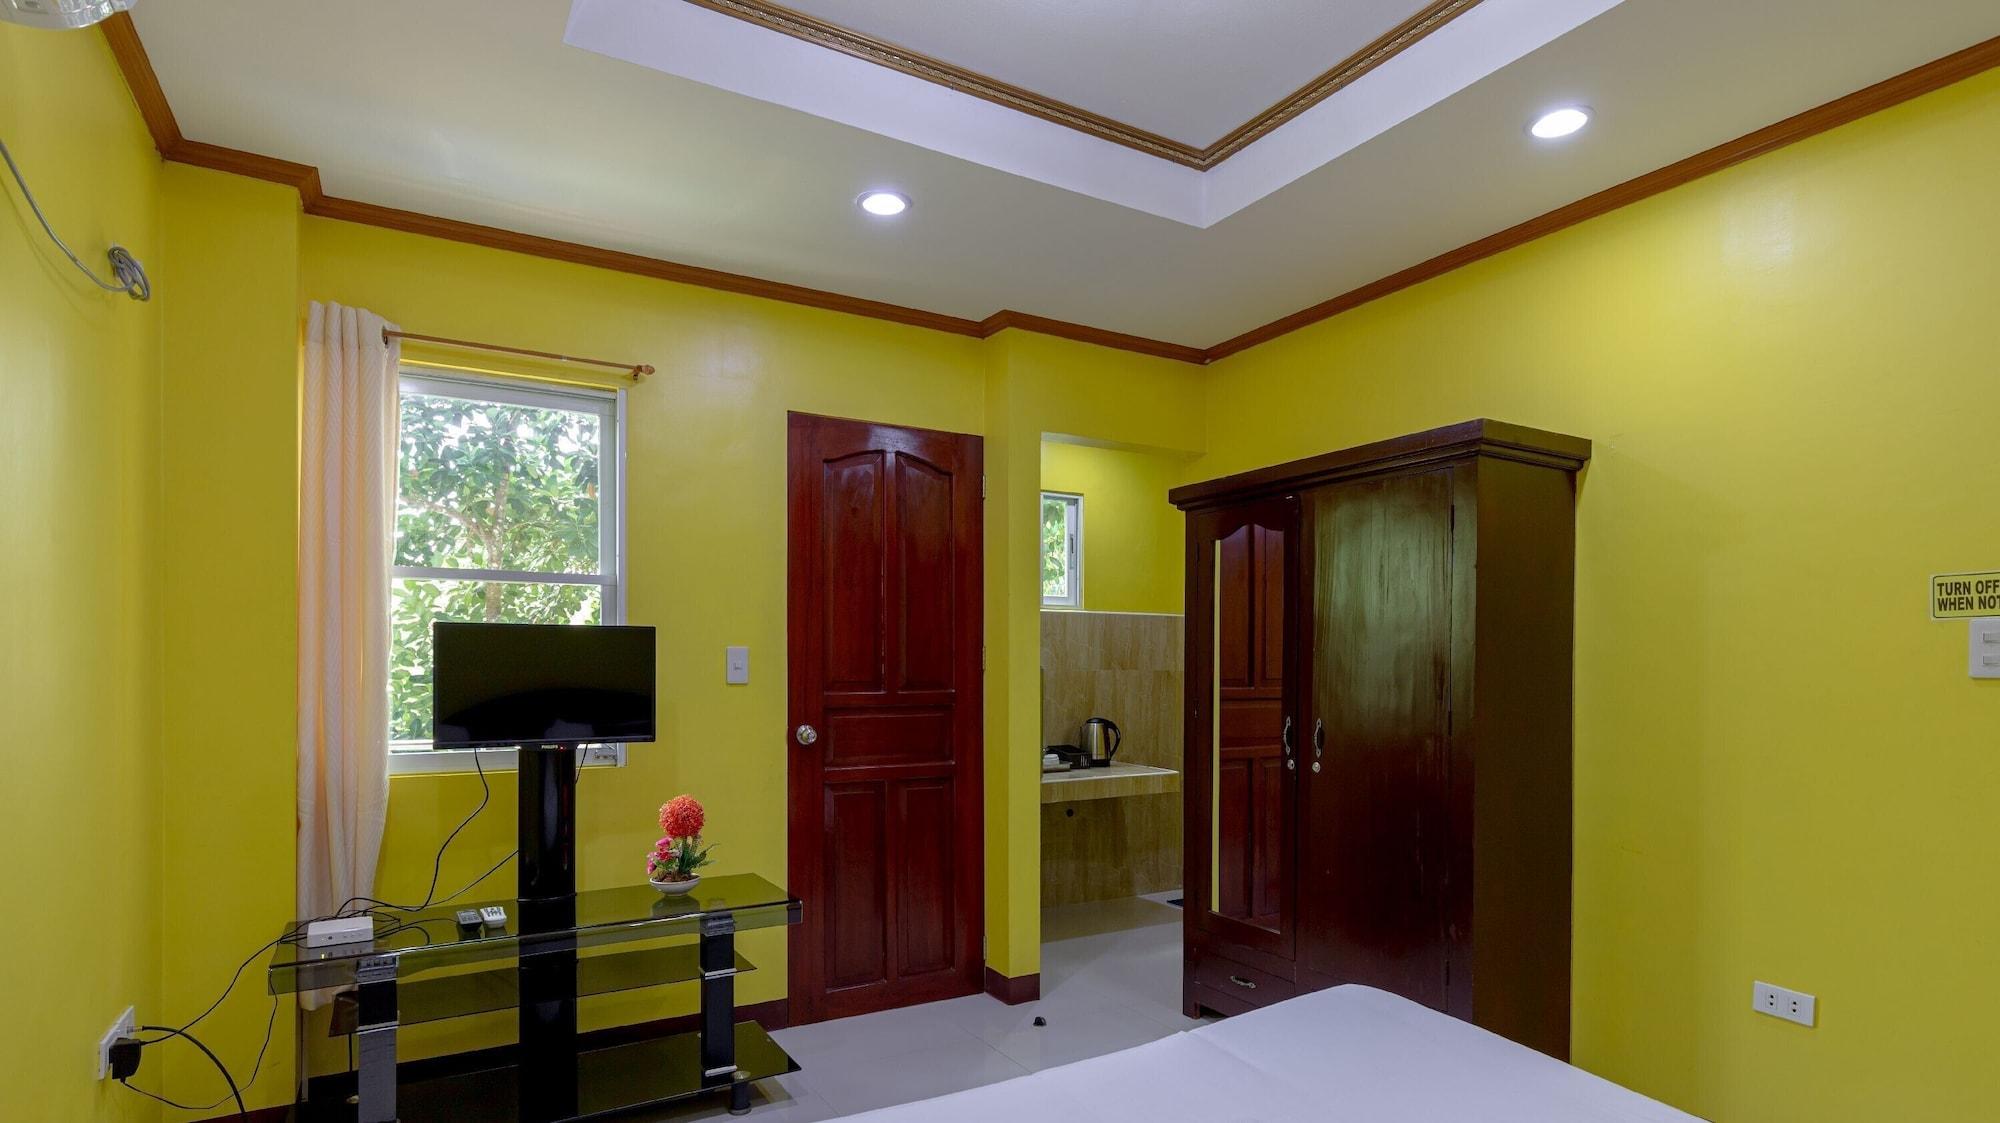 ZEN Rooms Casa Venicia Caticlan, Malay